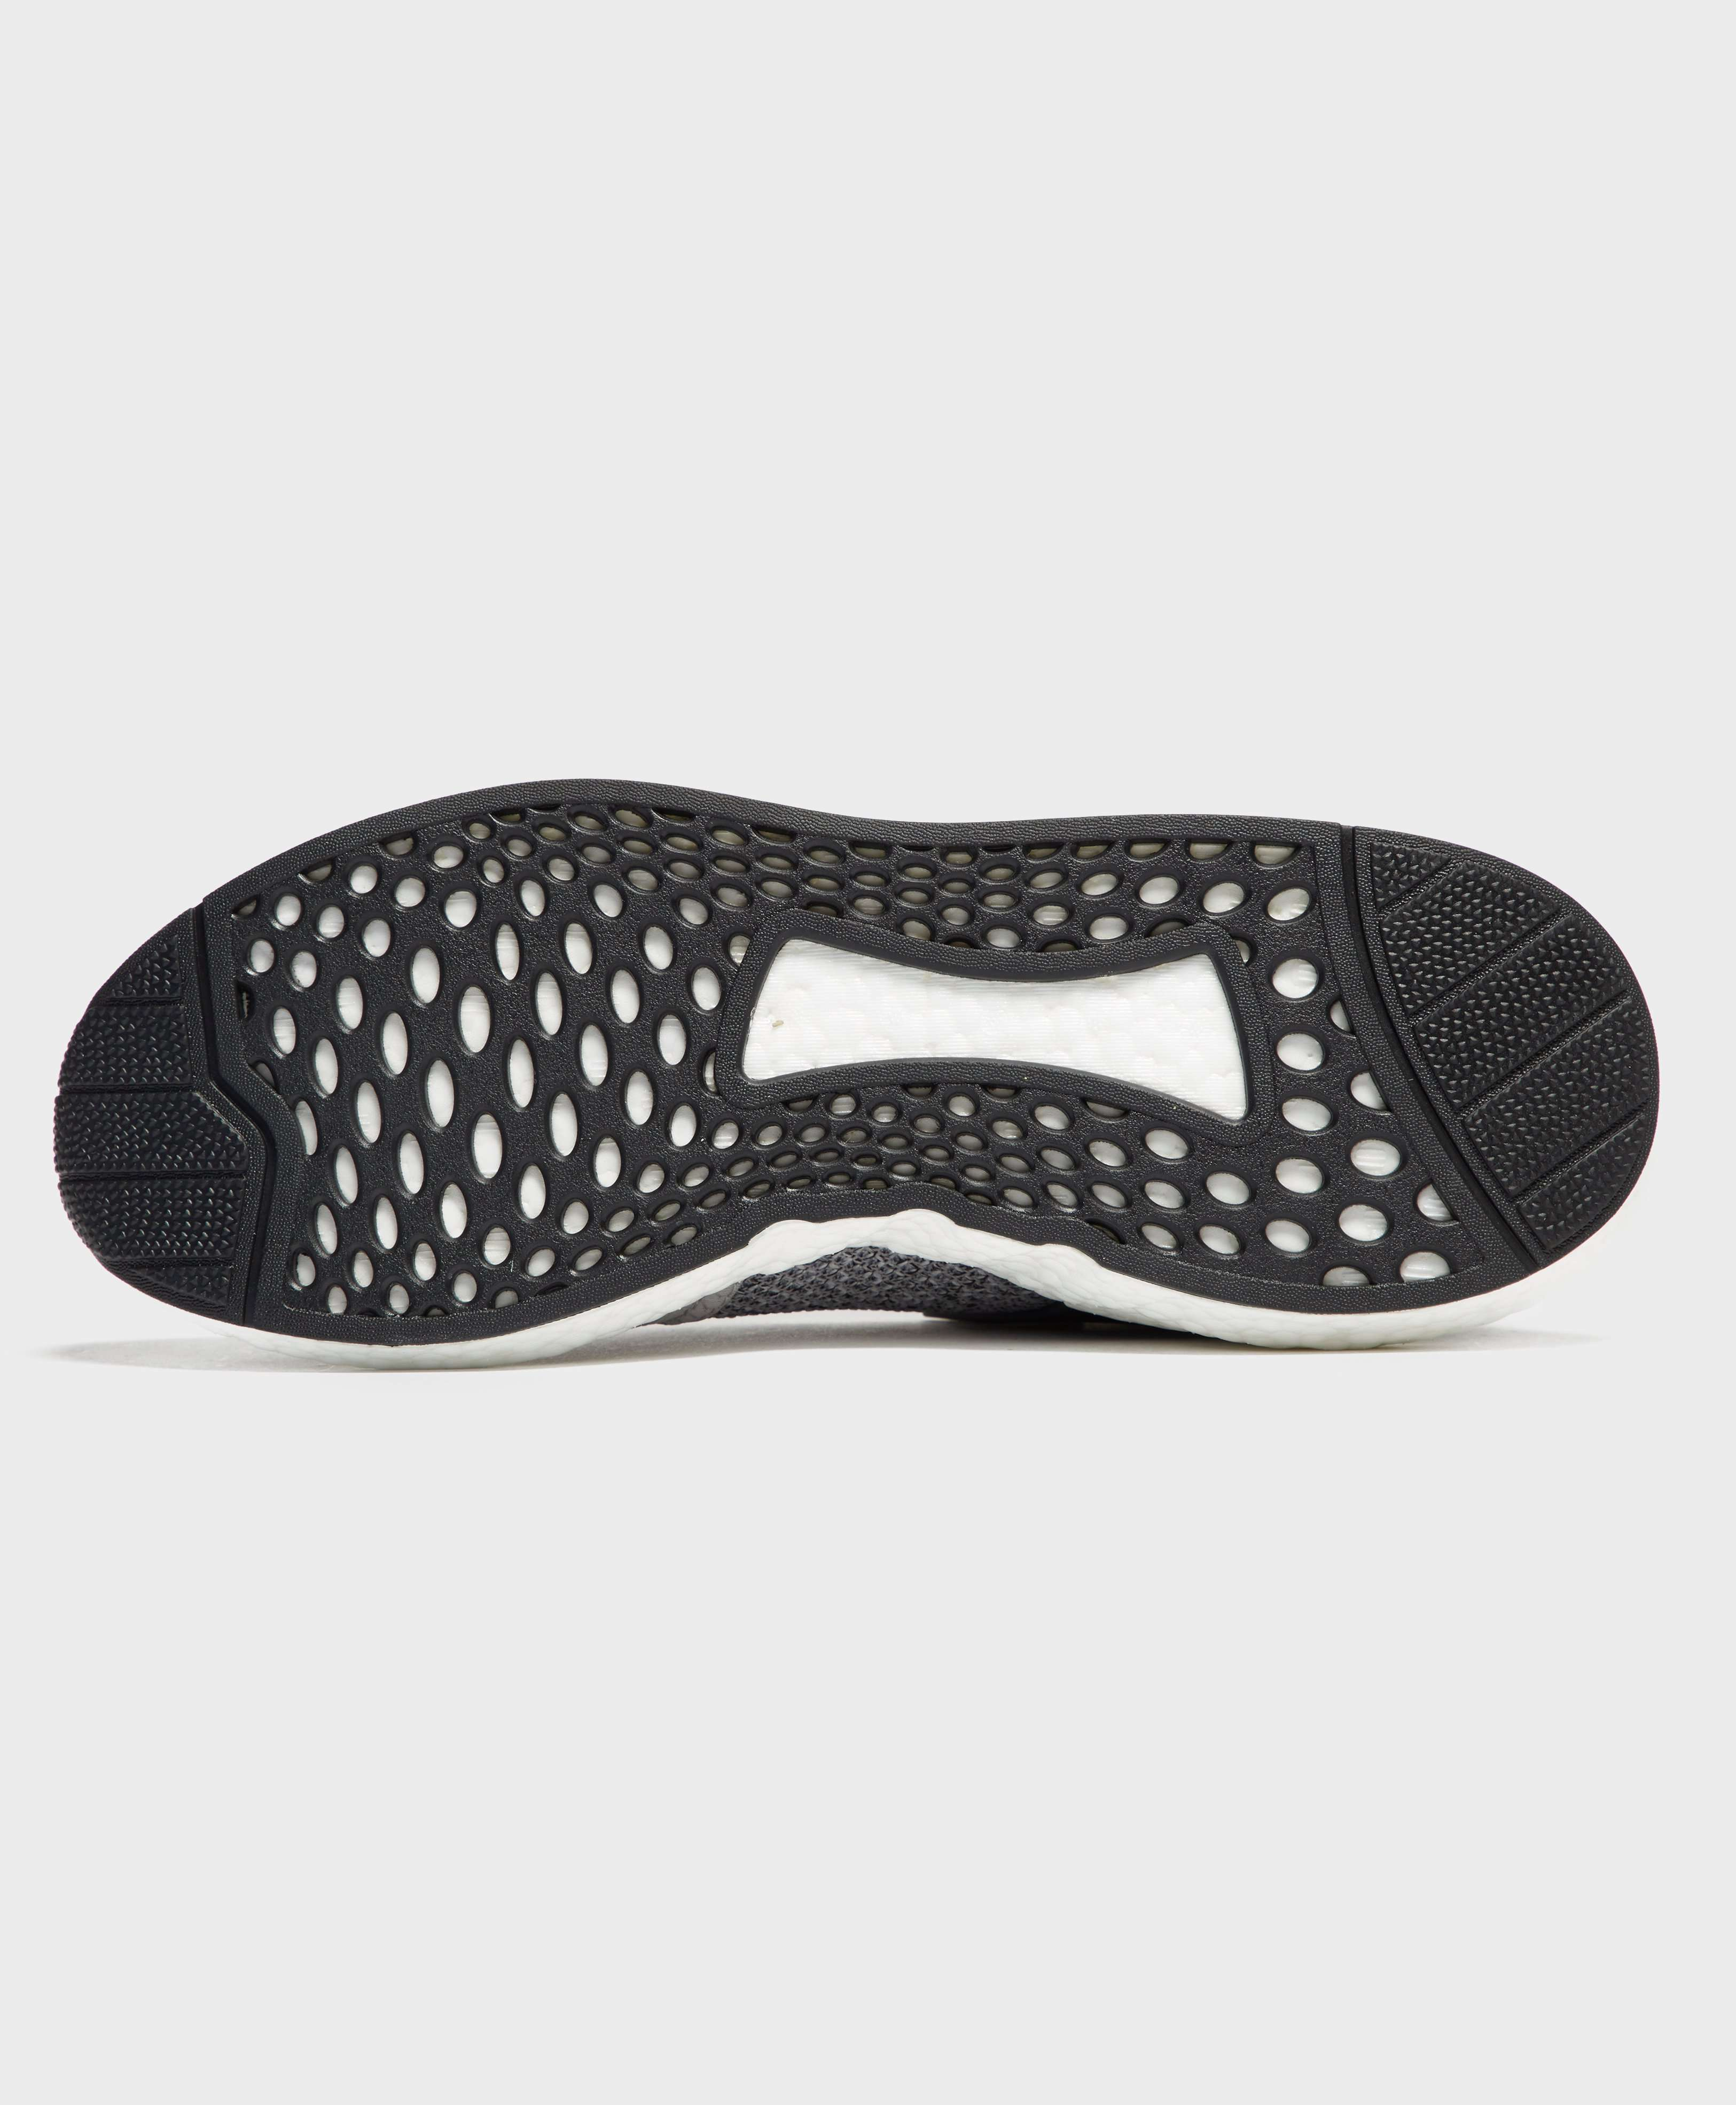 adidas Originals EQT Support 93/17